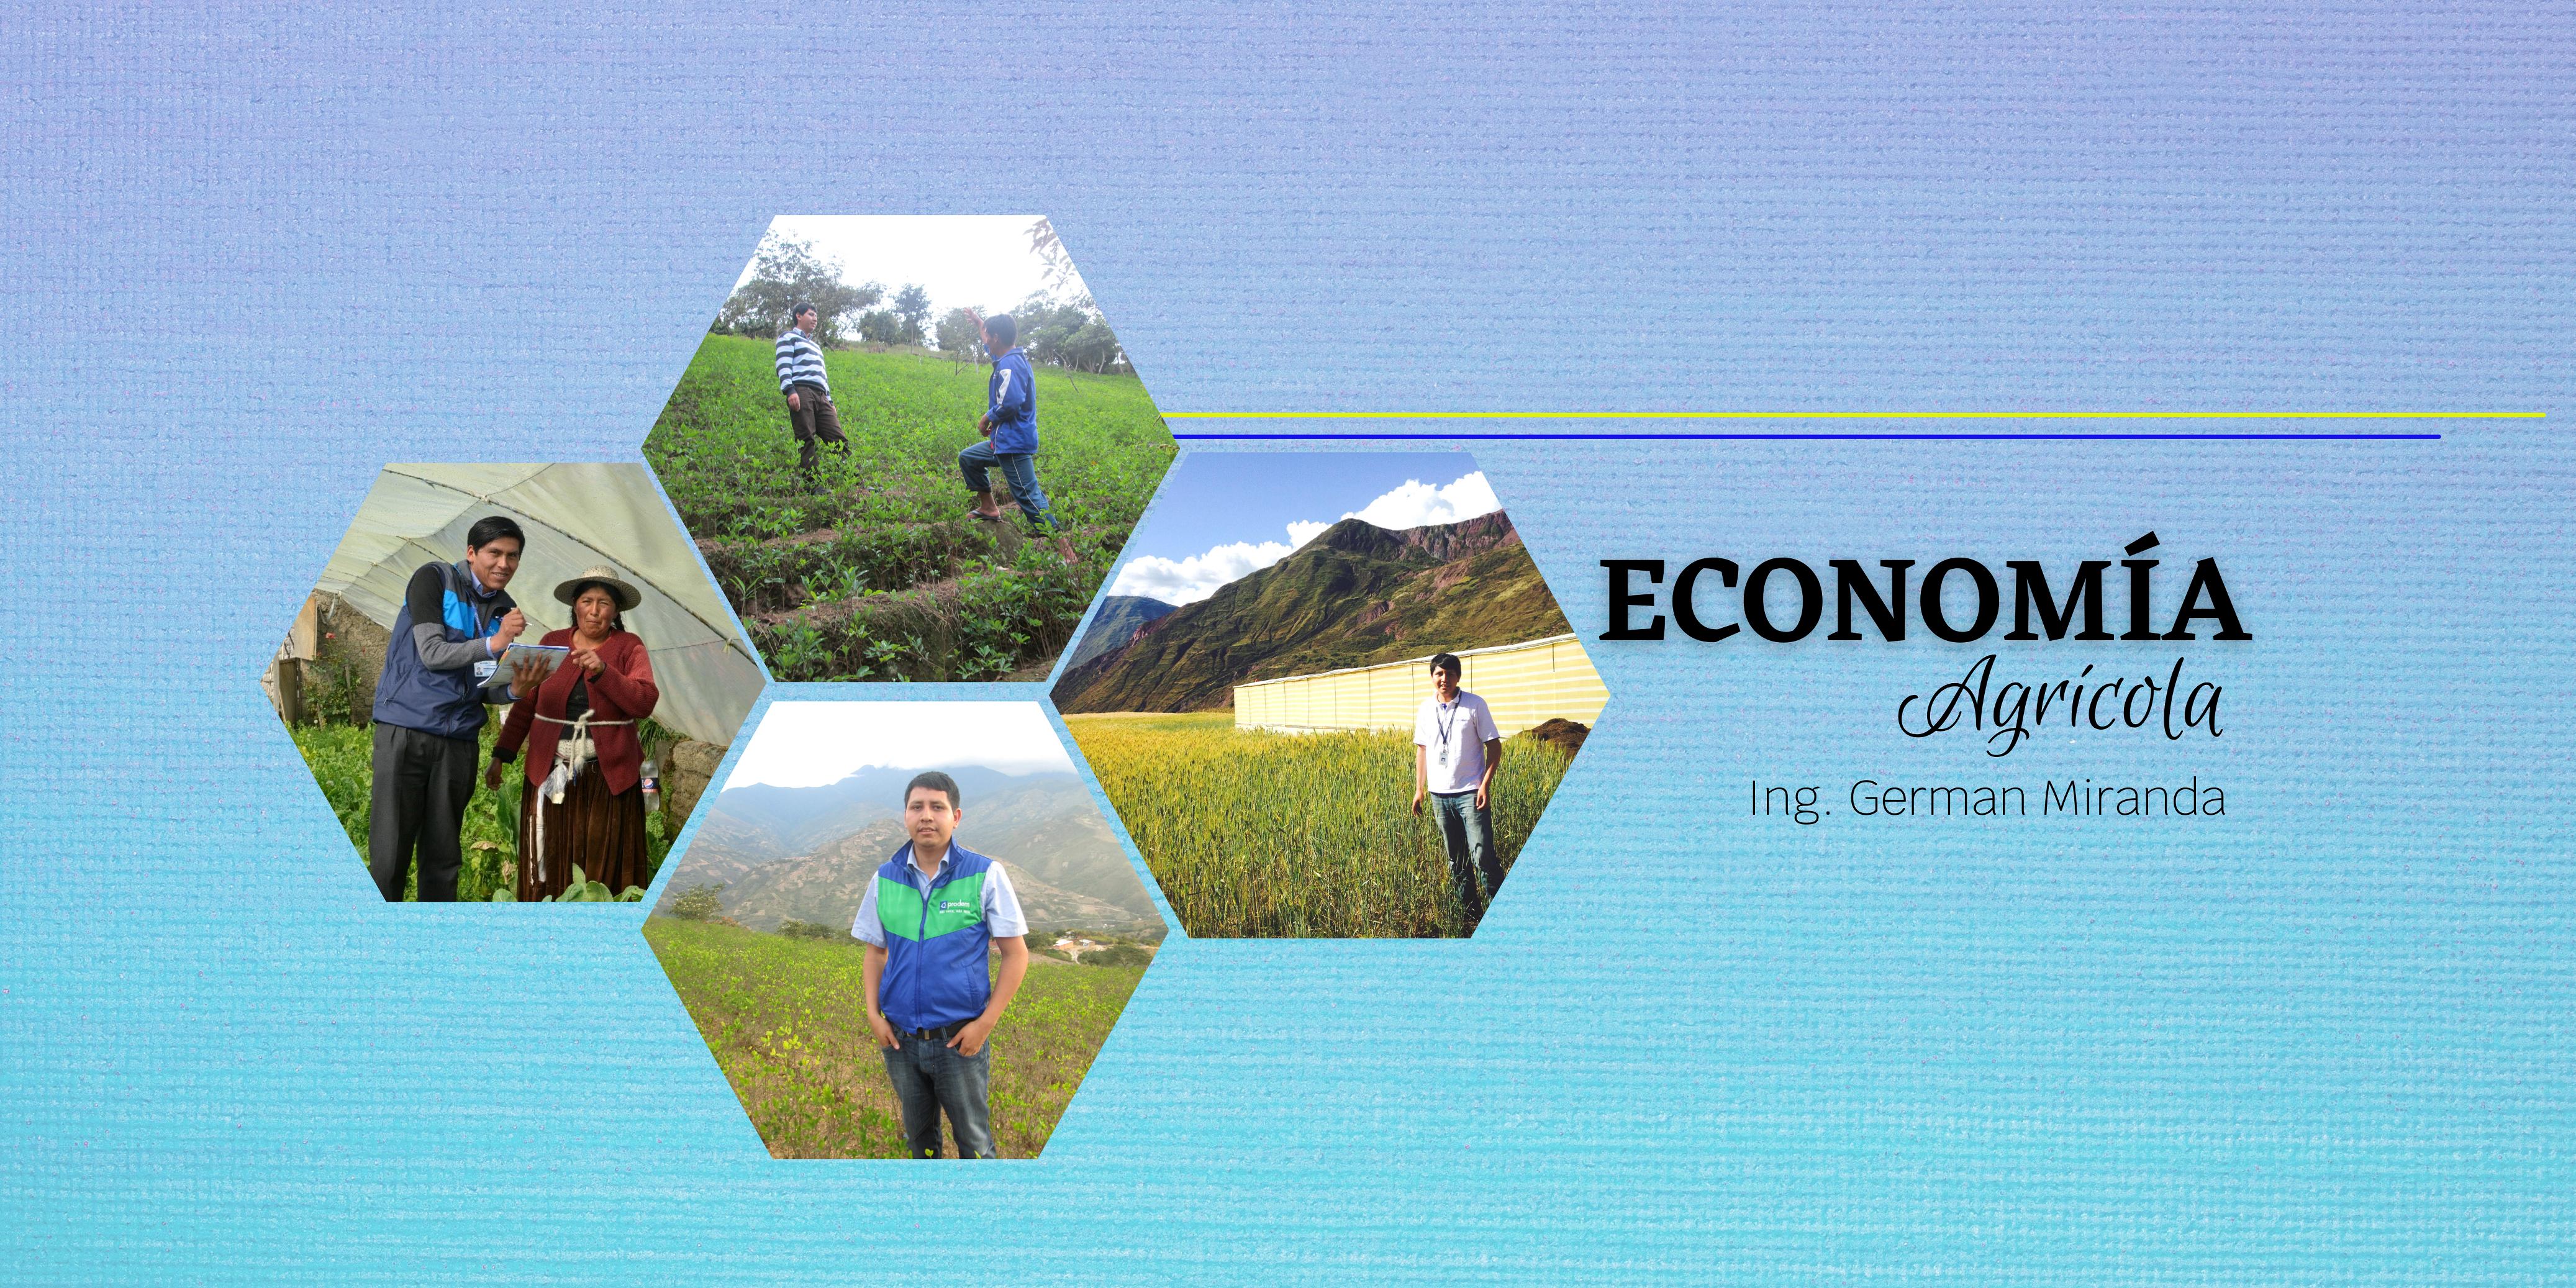 INA-182 Economía Agrícola